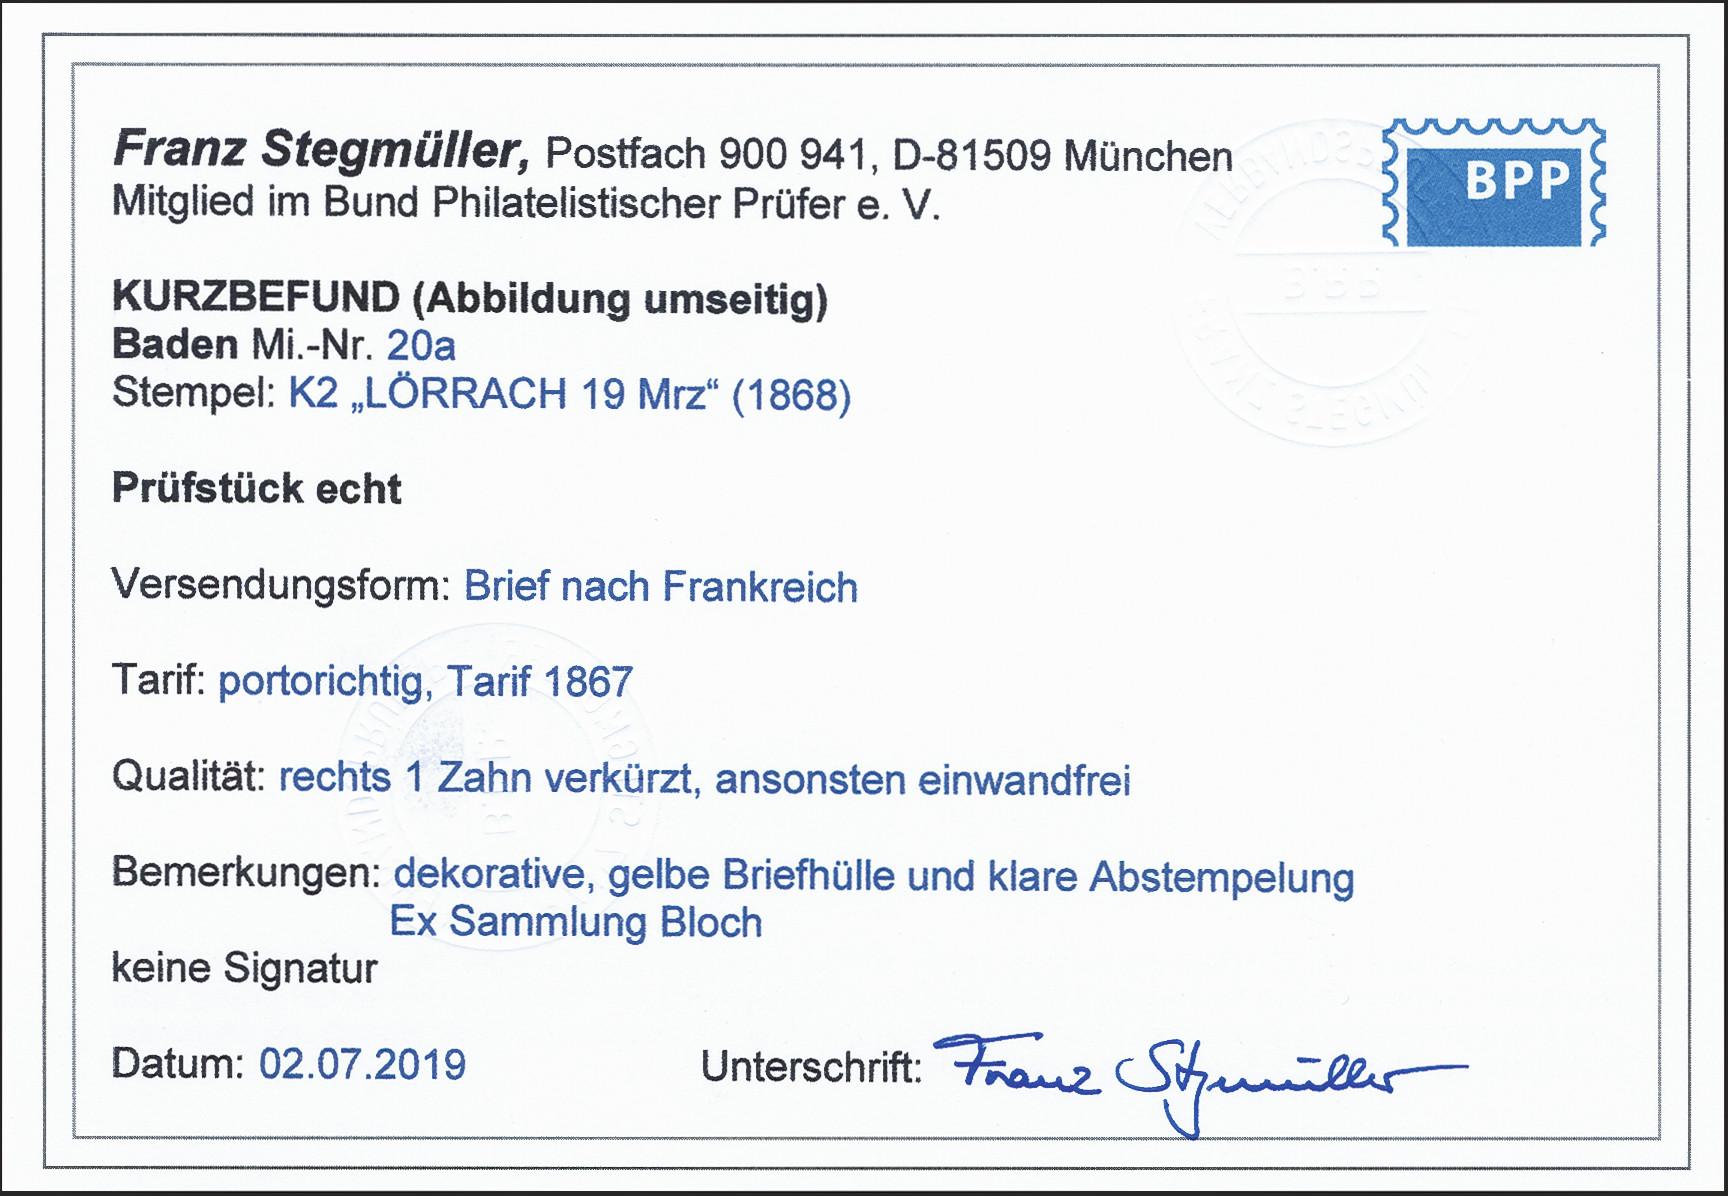 Lot 10 - Altdeutsche Staaten Baden -  Heinrich Koehler Auktionen 372nd Auction - The ERIVAN Collection